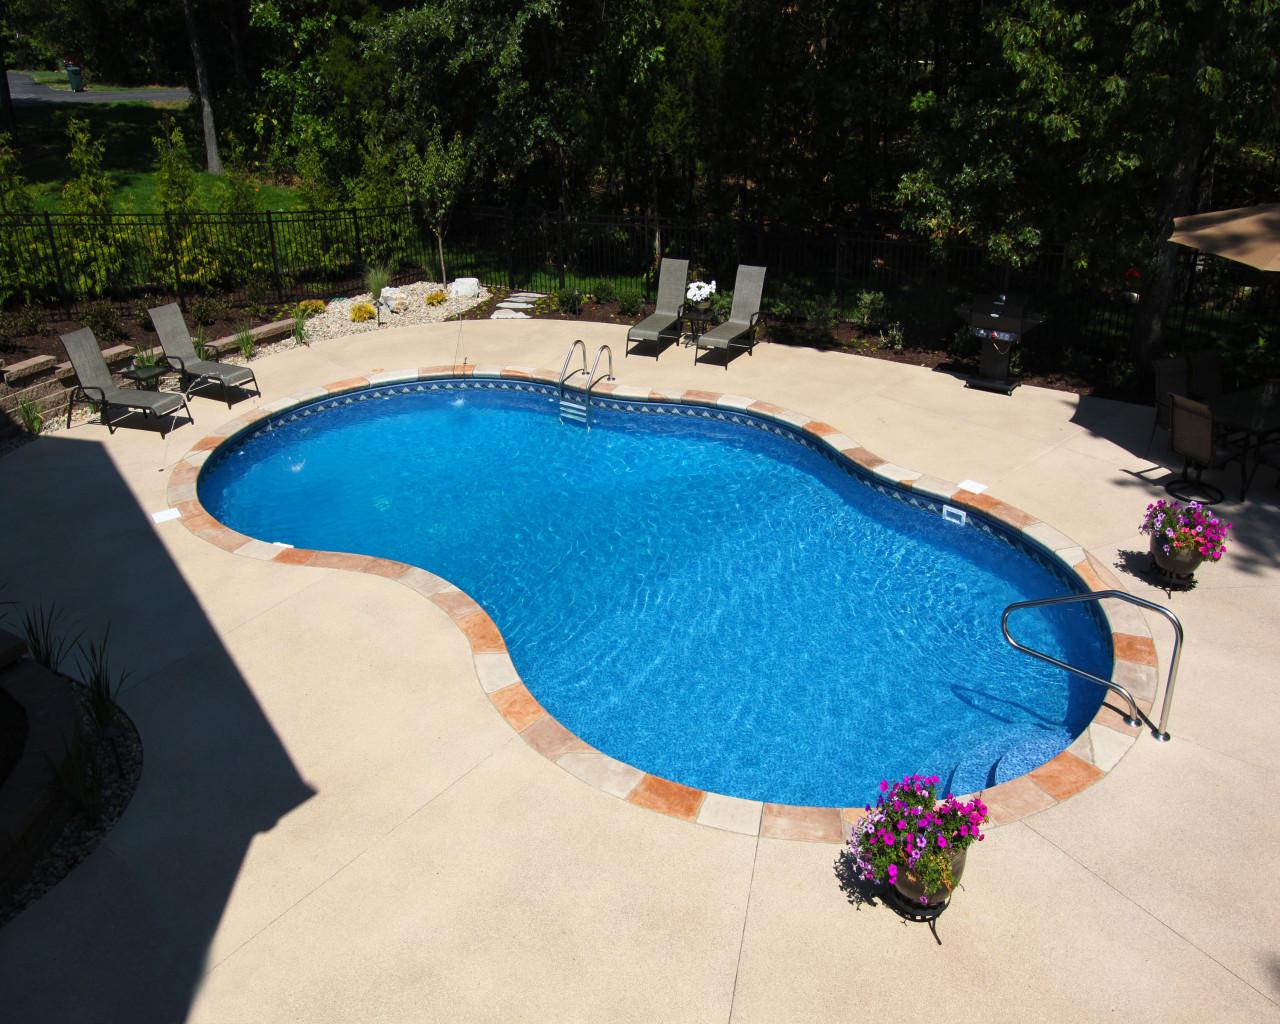 44 - Gemini Pool